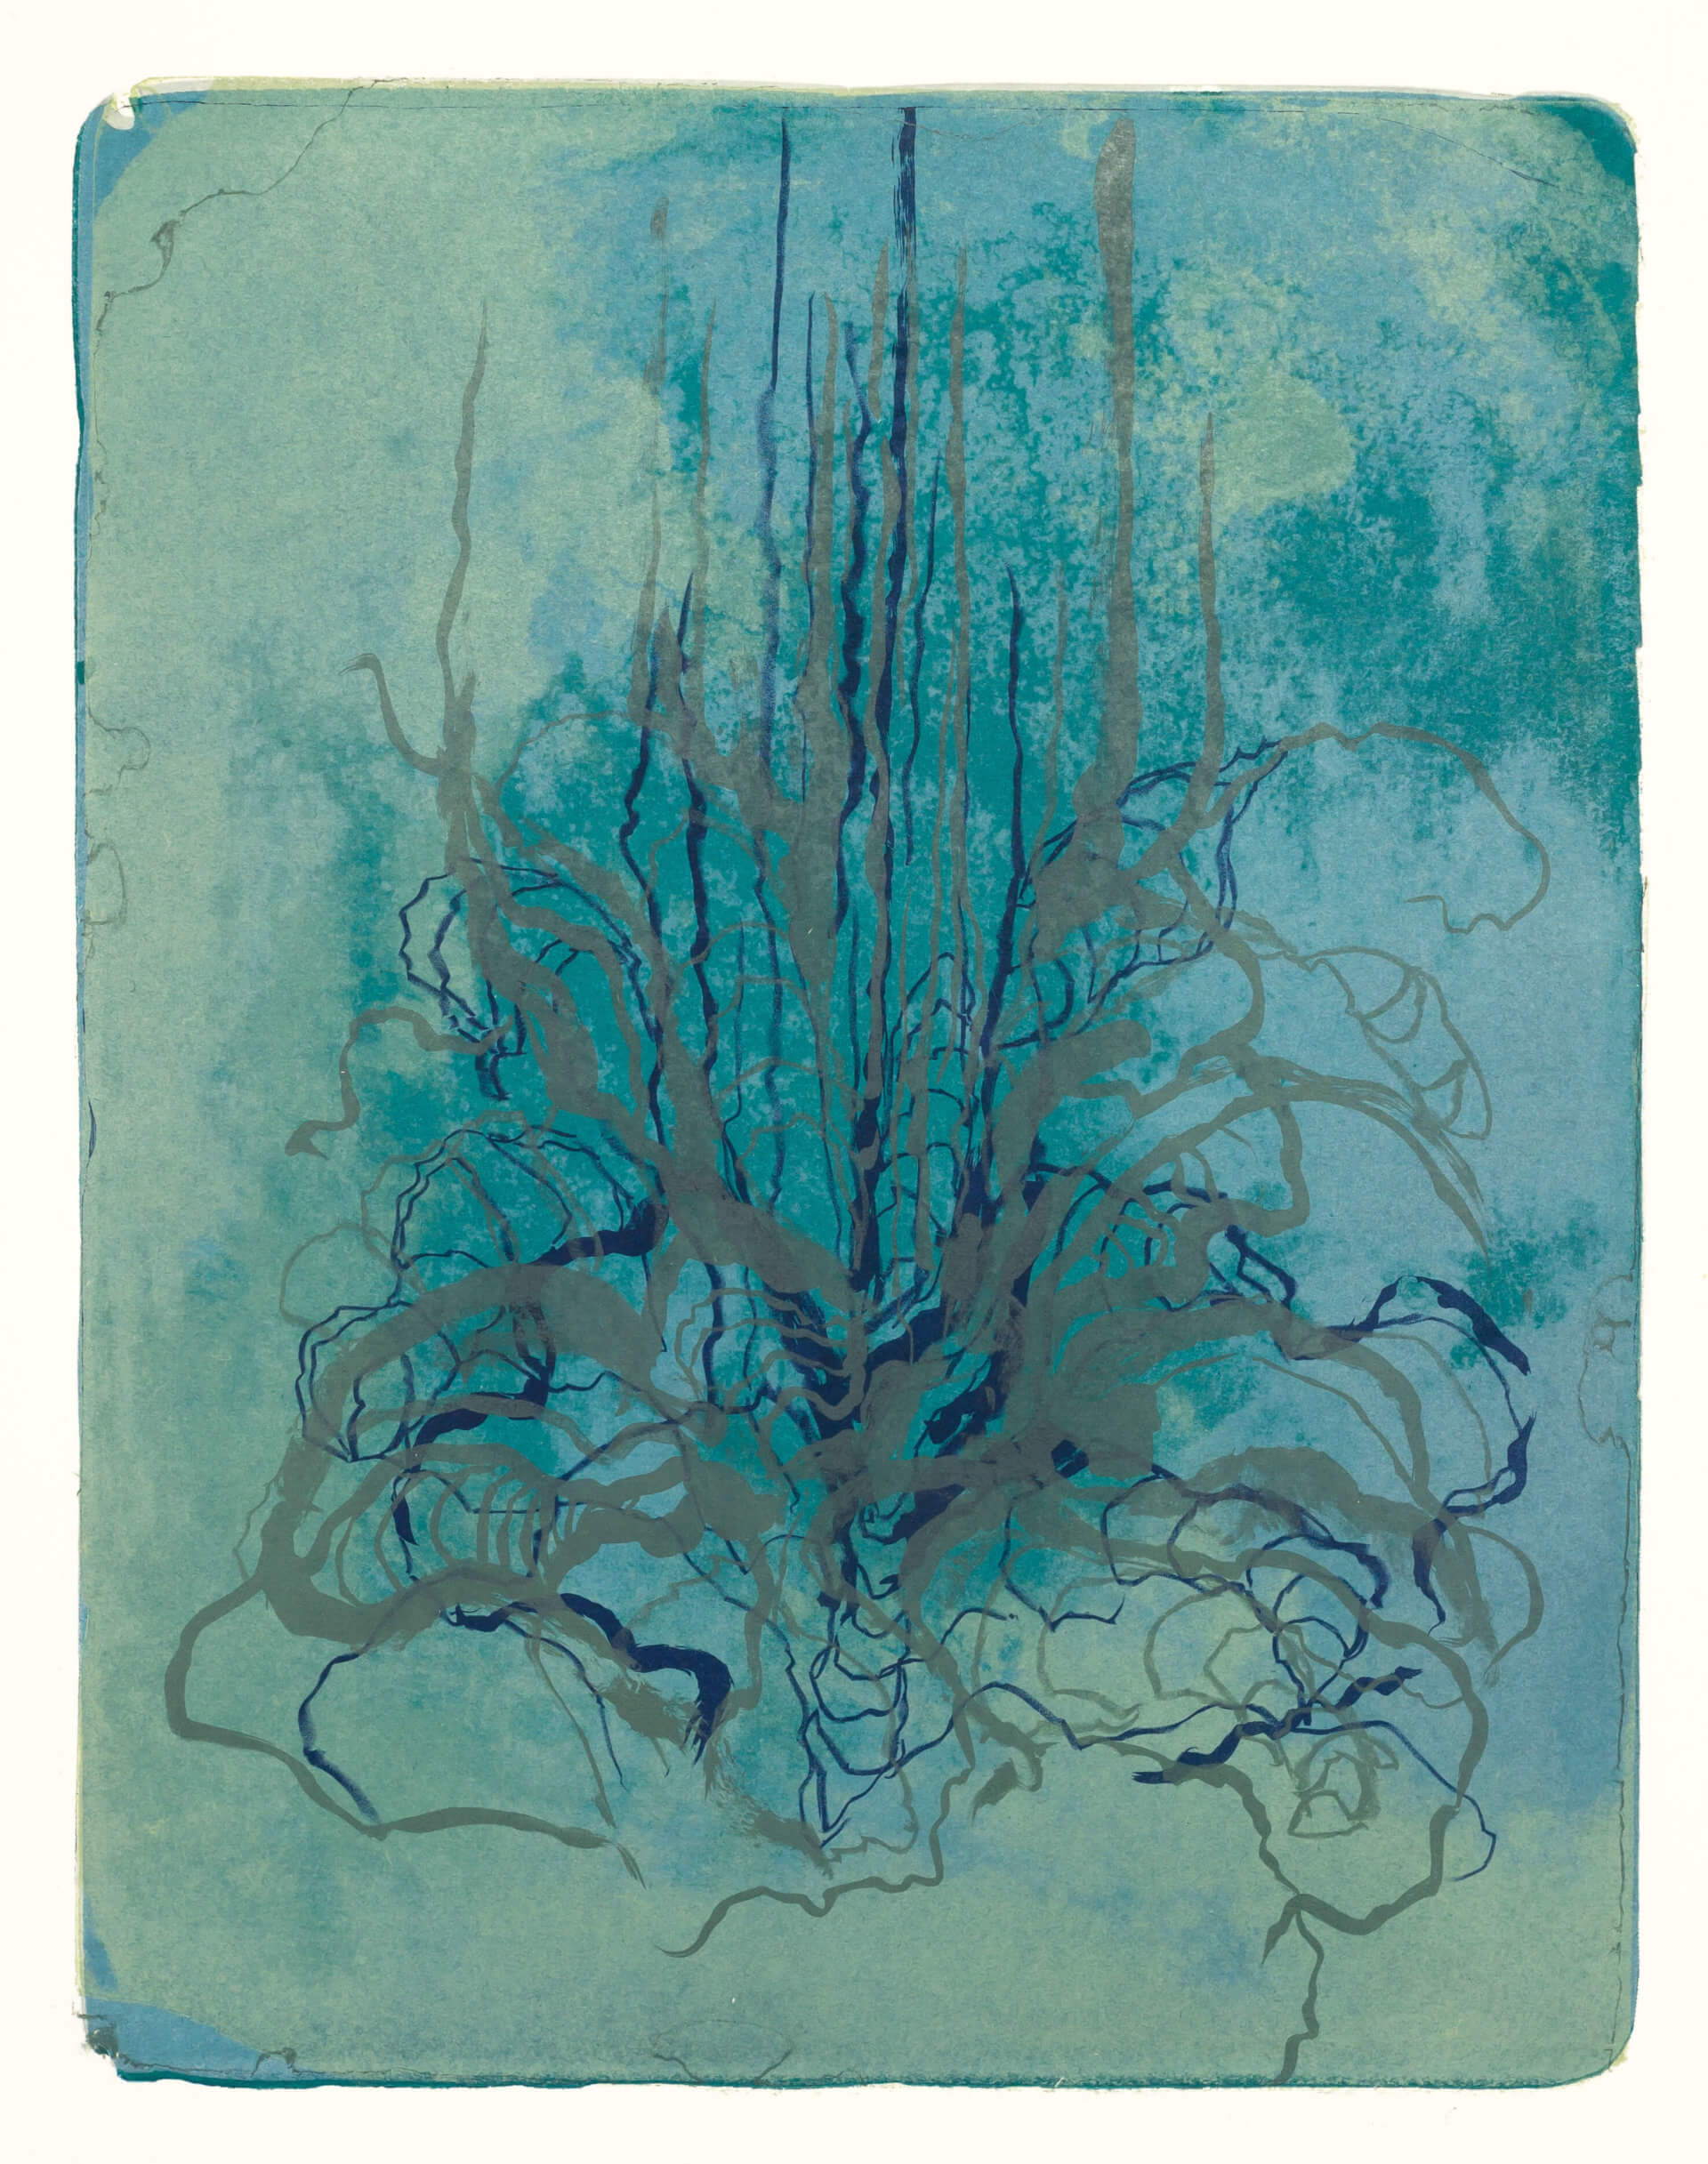 Wald X(K)-VII, 2018, Farblithographie, Unikat, 50x40 cm.